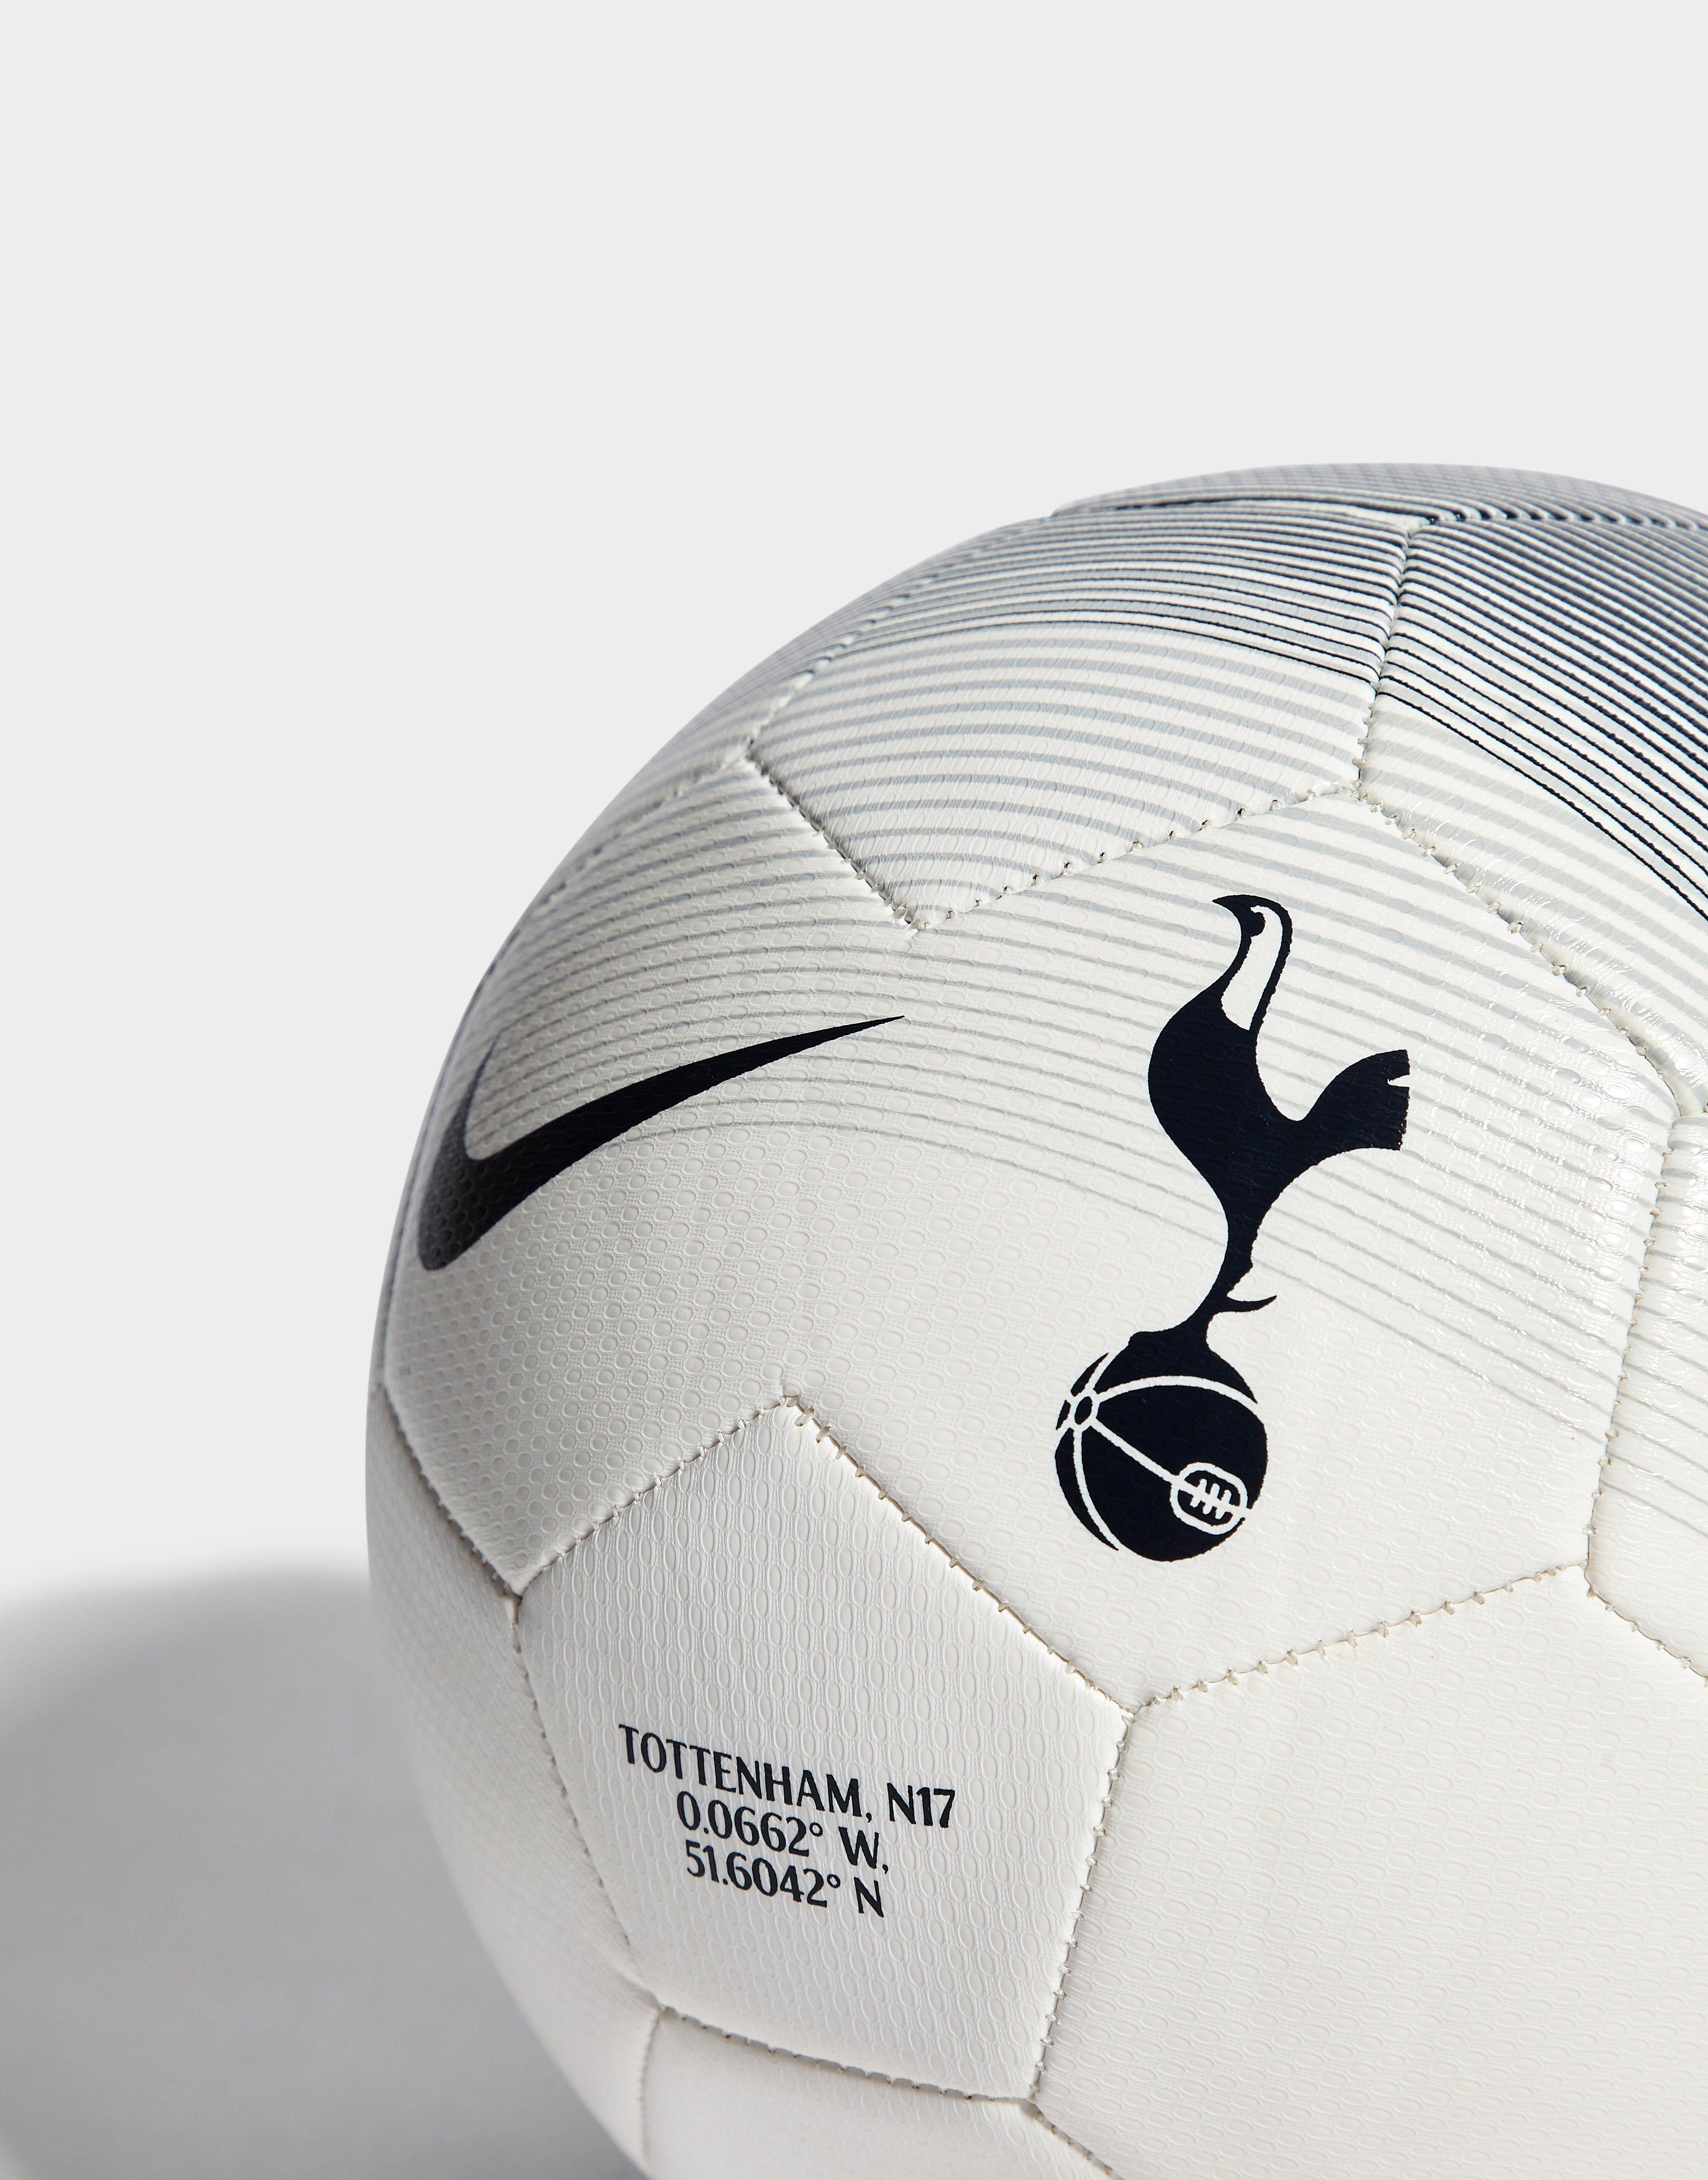 Nike Tottenham Hotspur Football